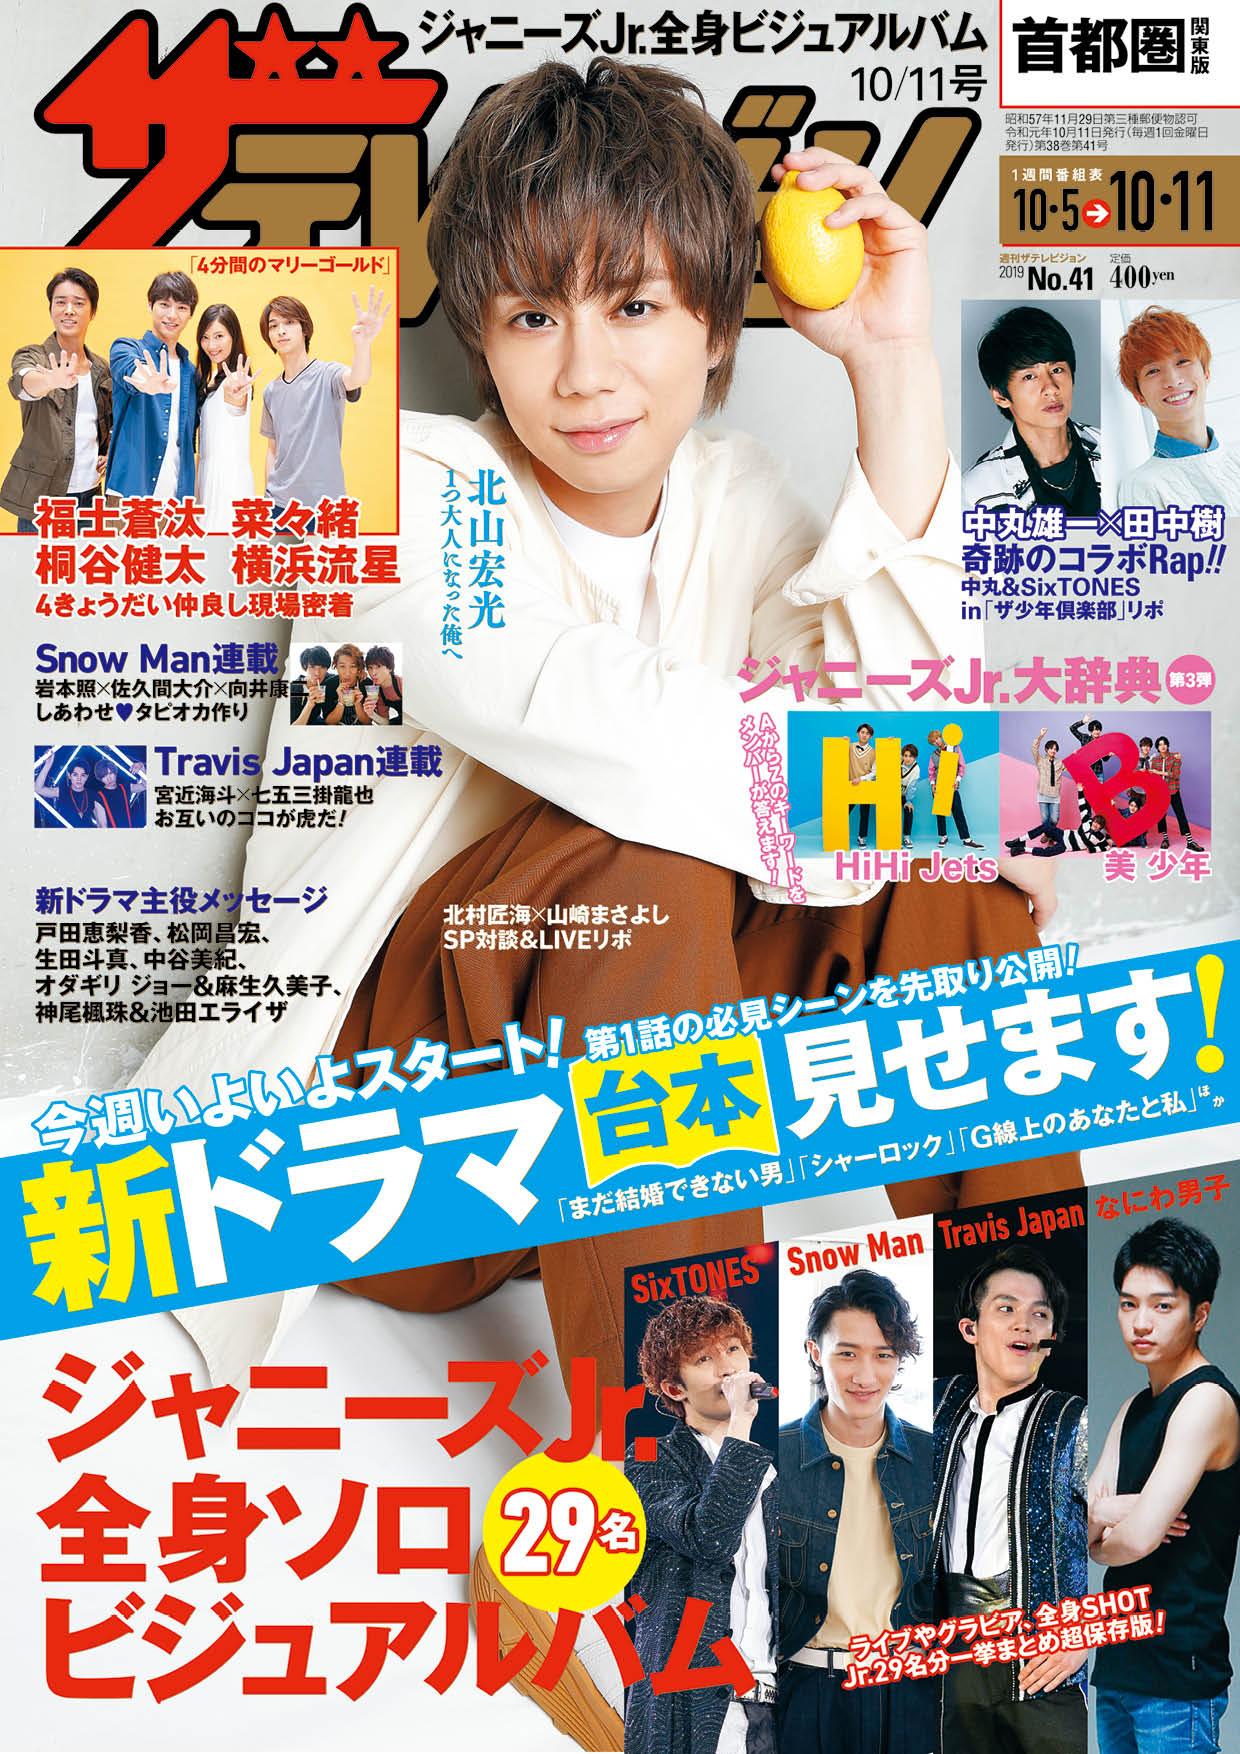 ザテレビジョン 首都圏関東版 2019年10/11号 400円